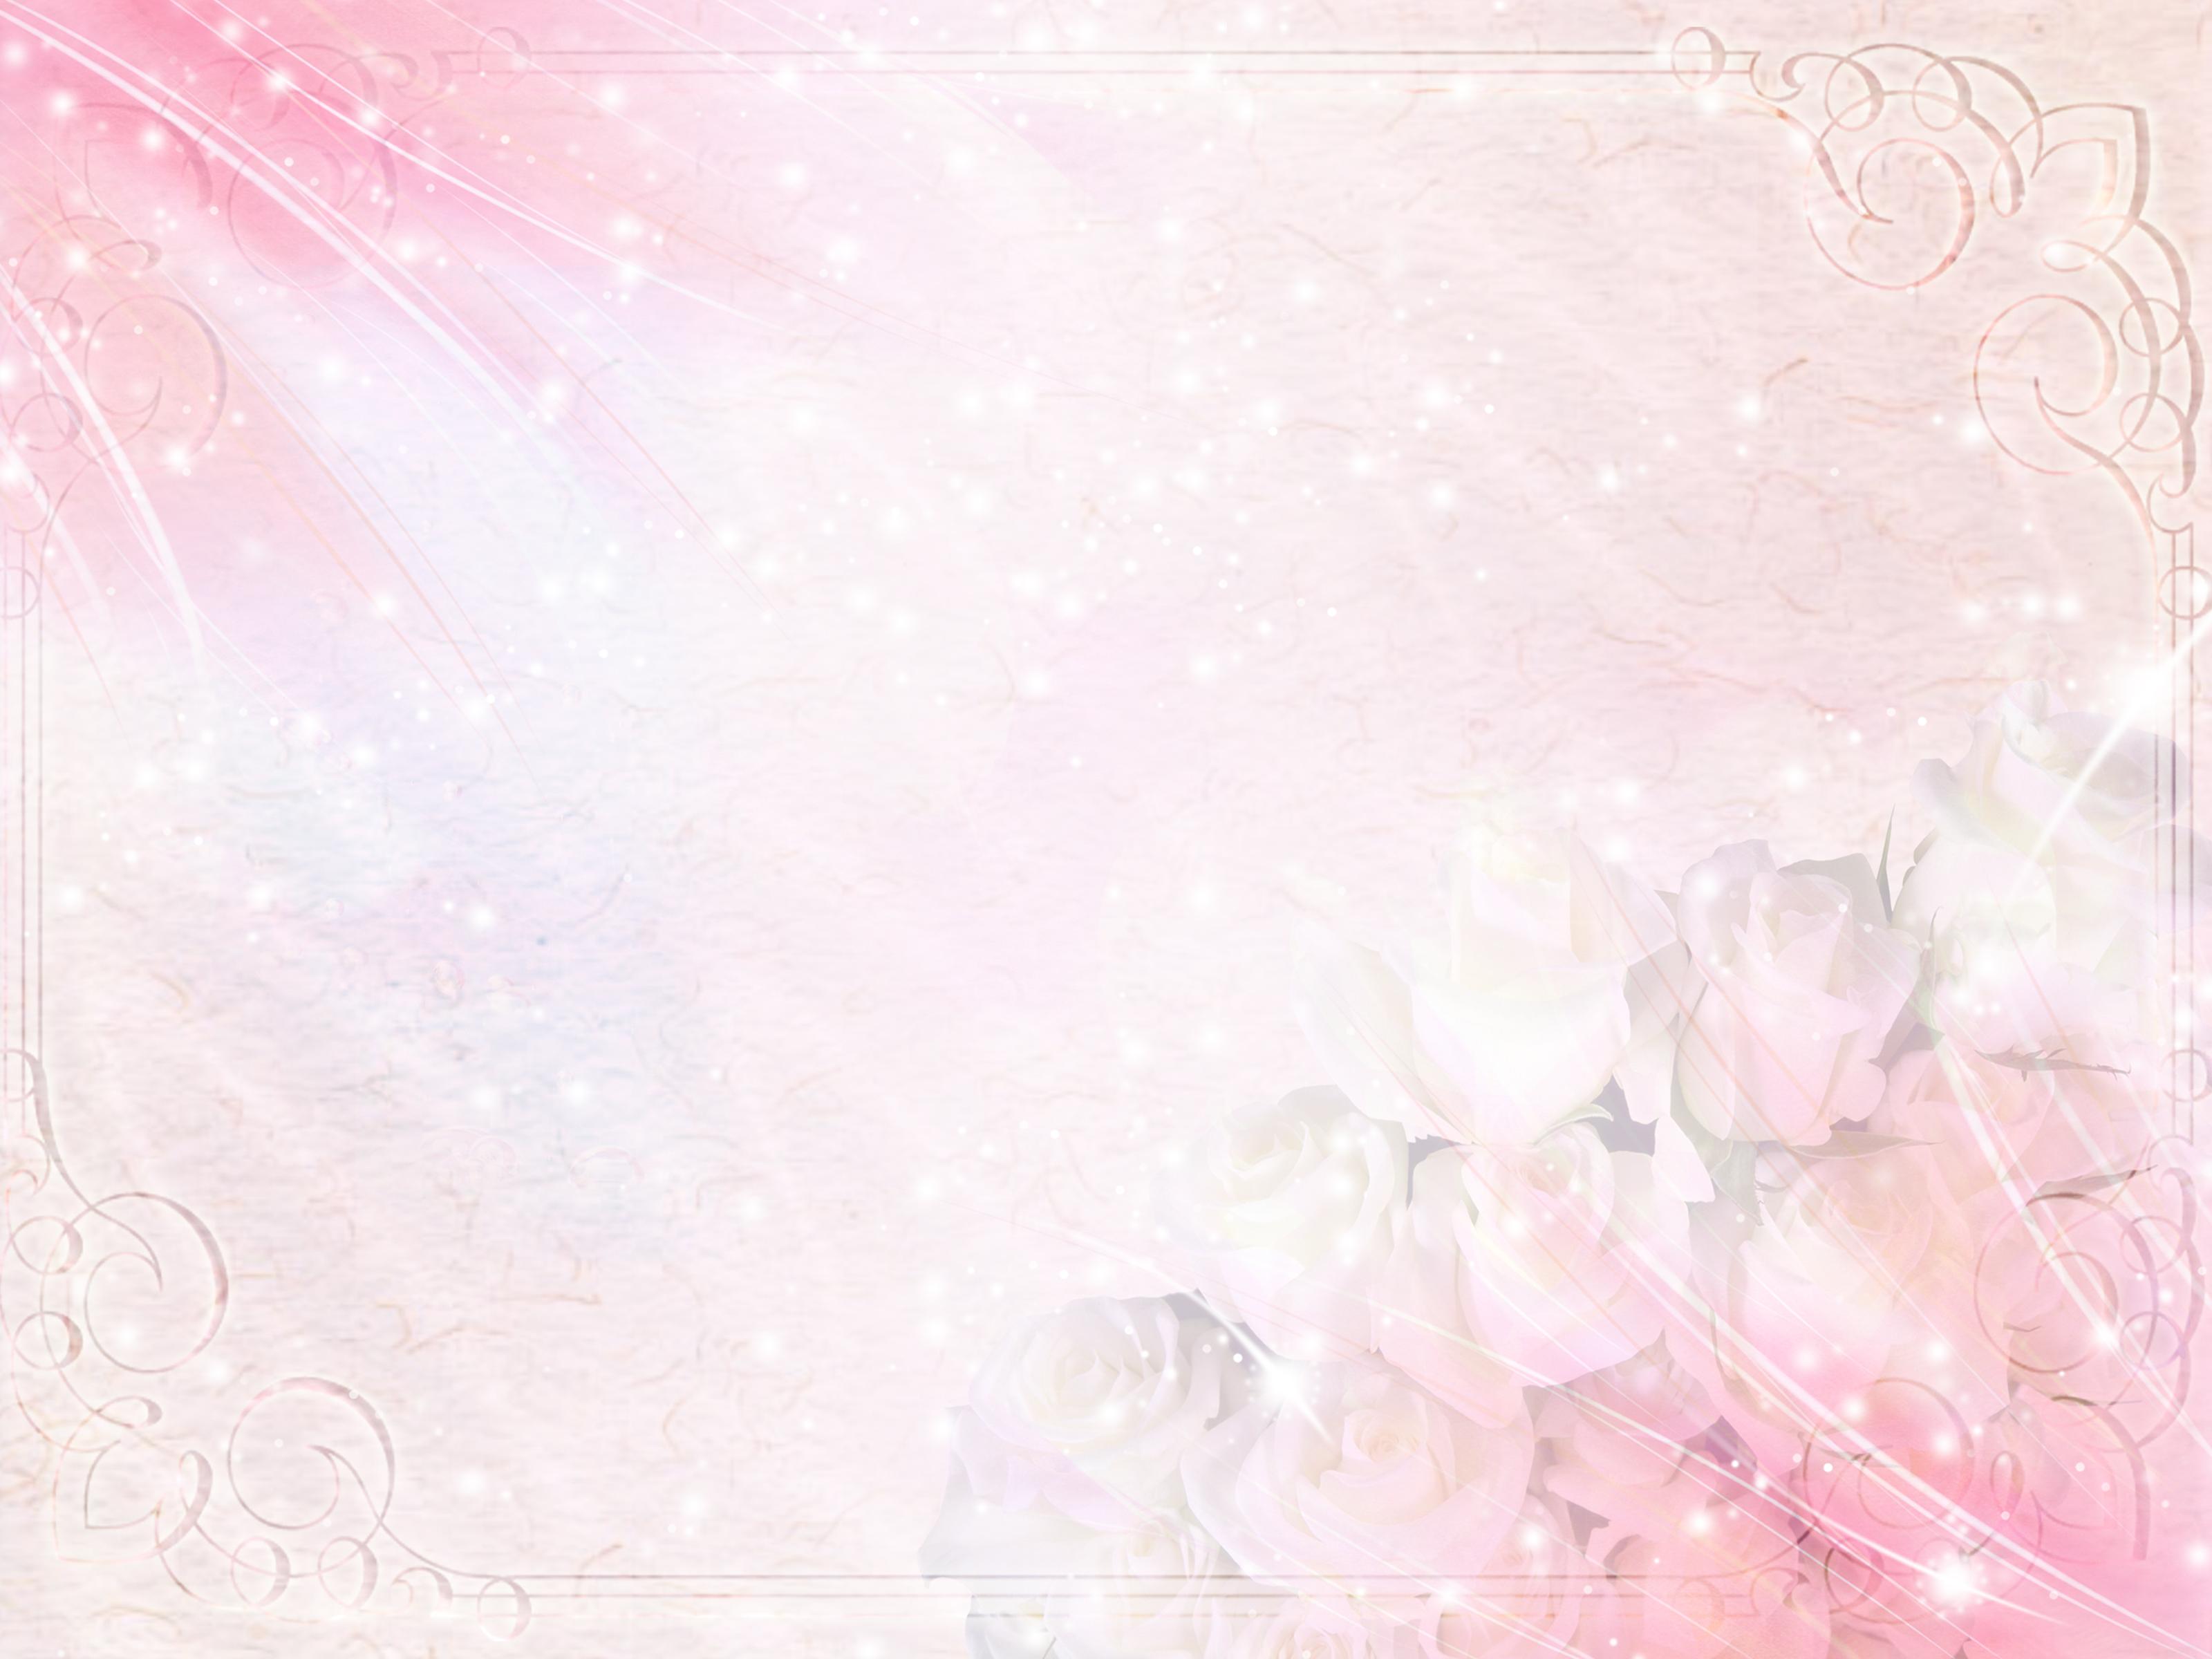 Красивый фон для открытки розовый 54